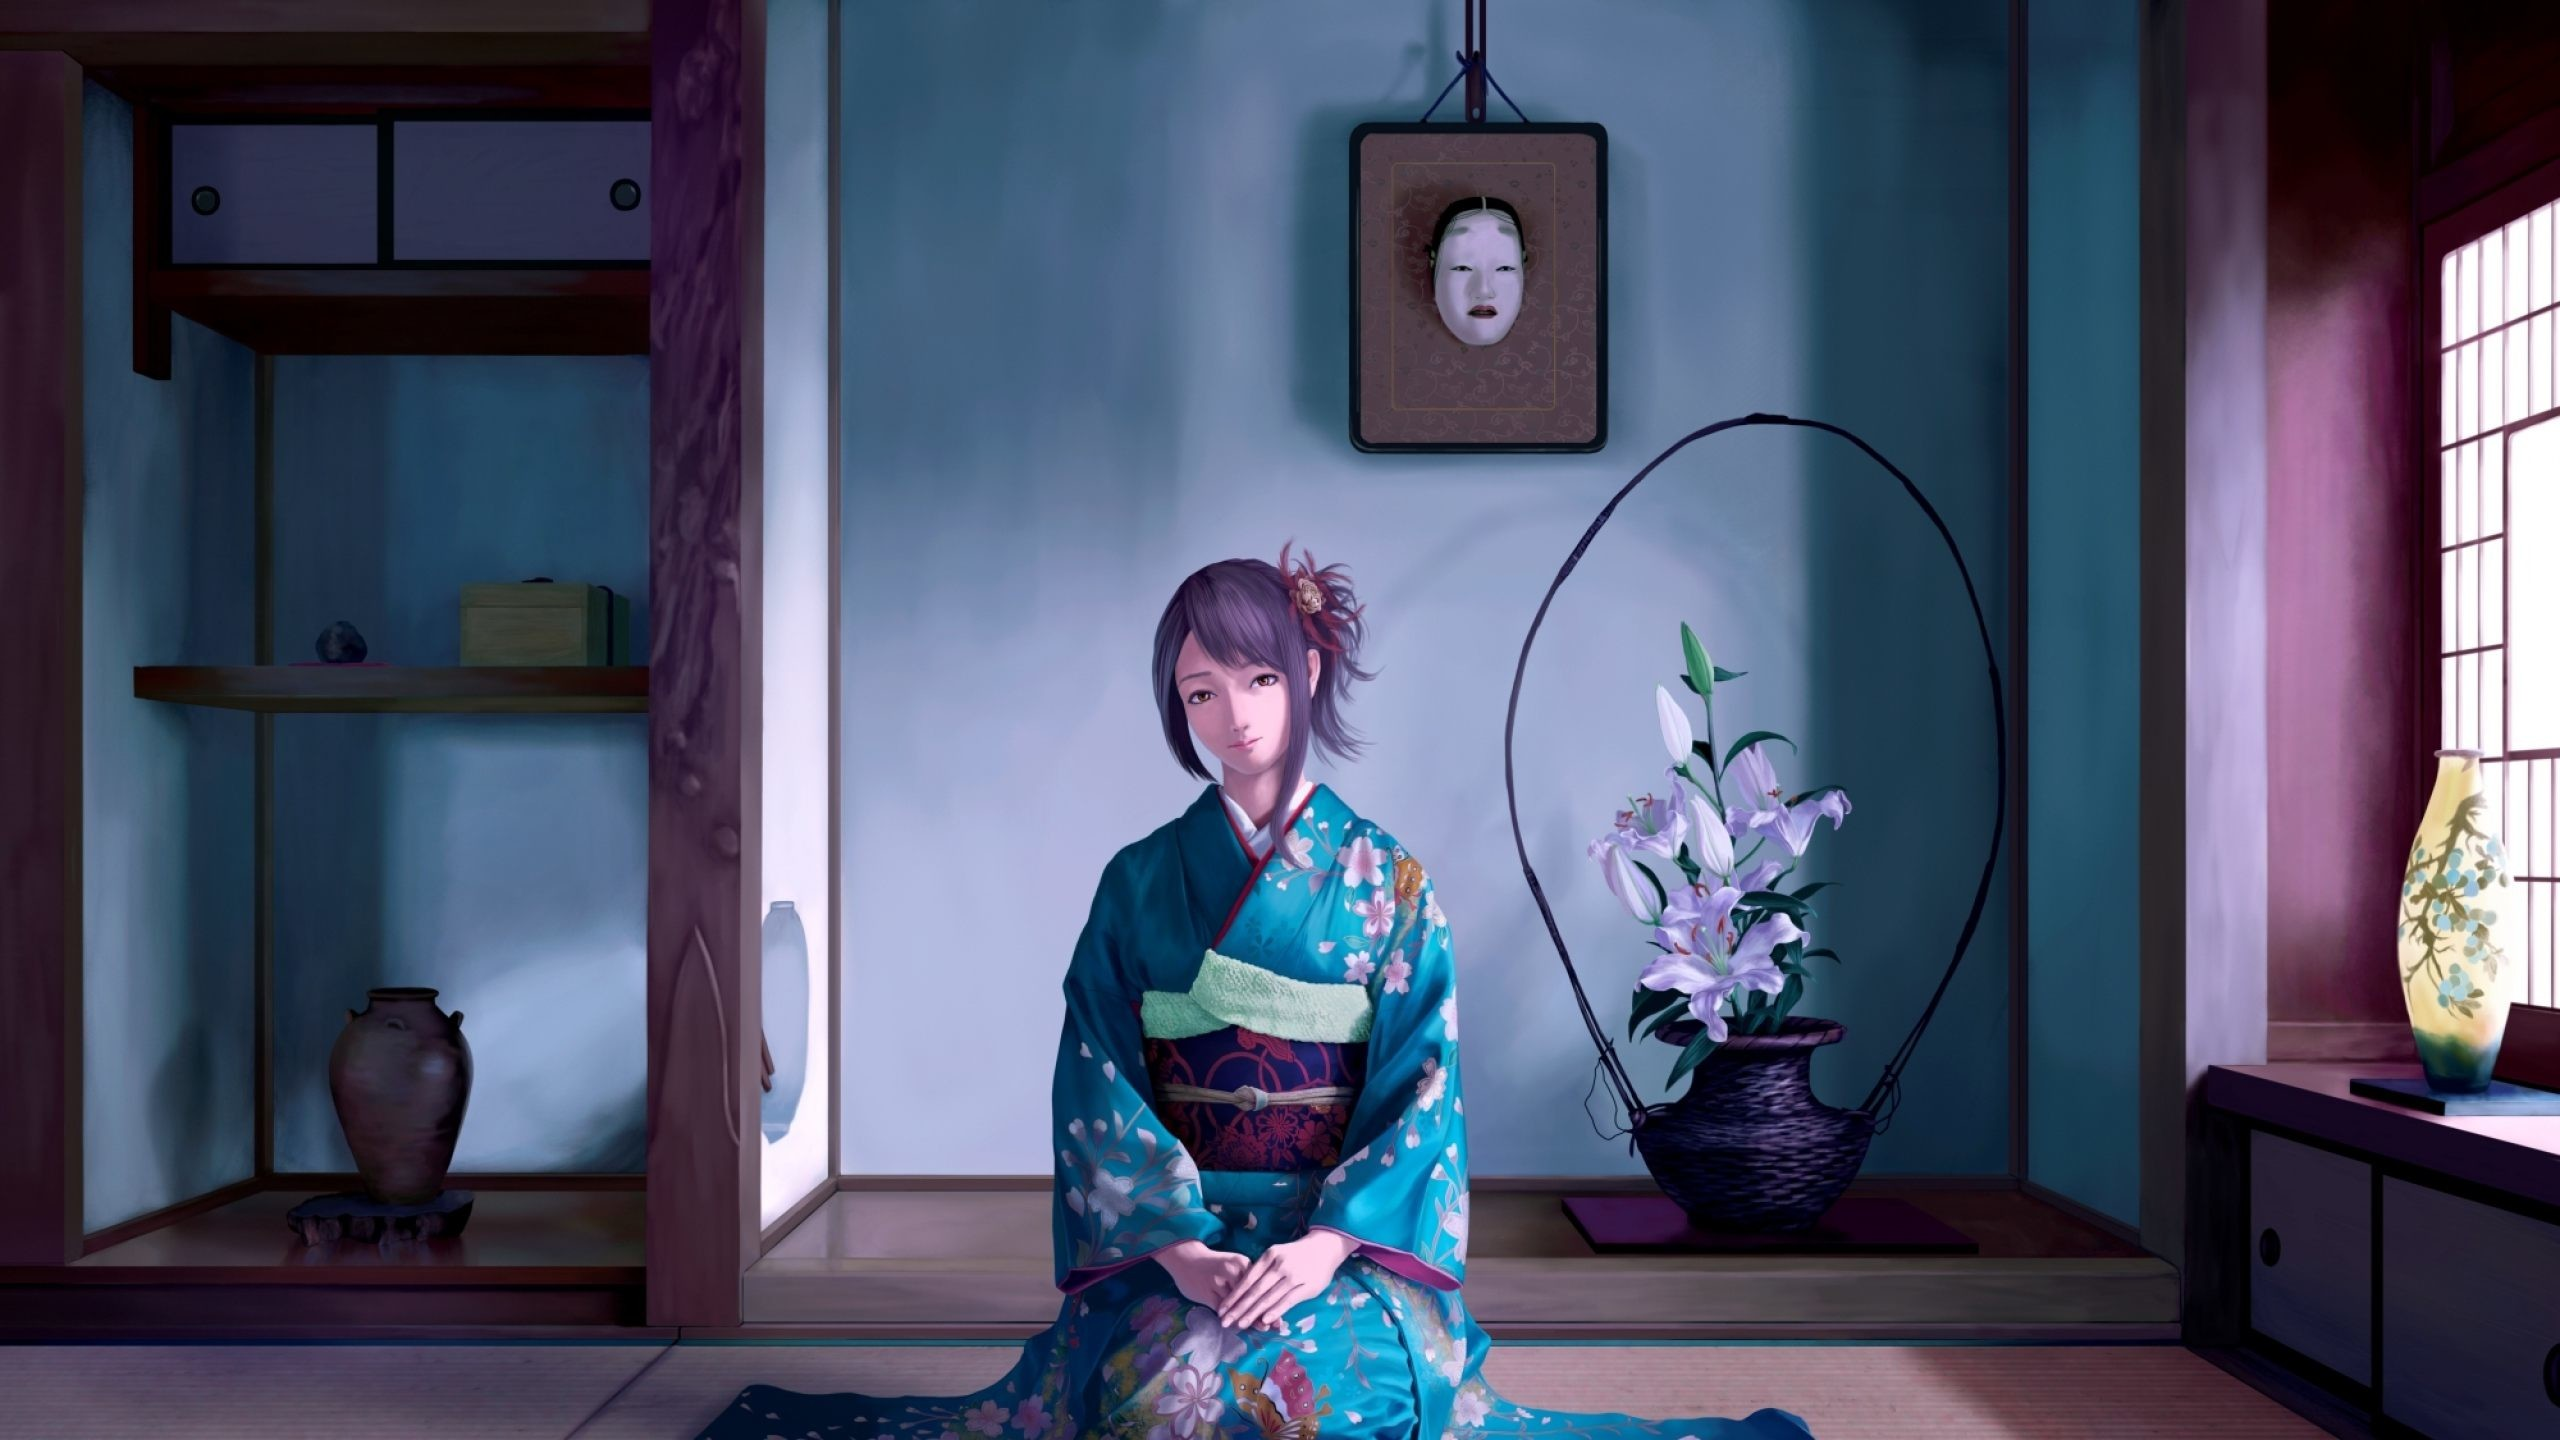 Japanese Anime Girl Traditional Wallpaper